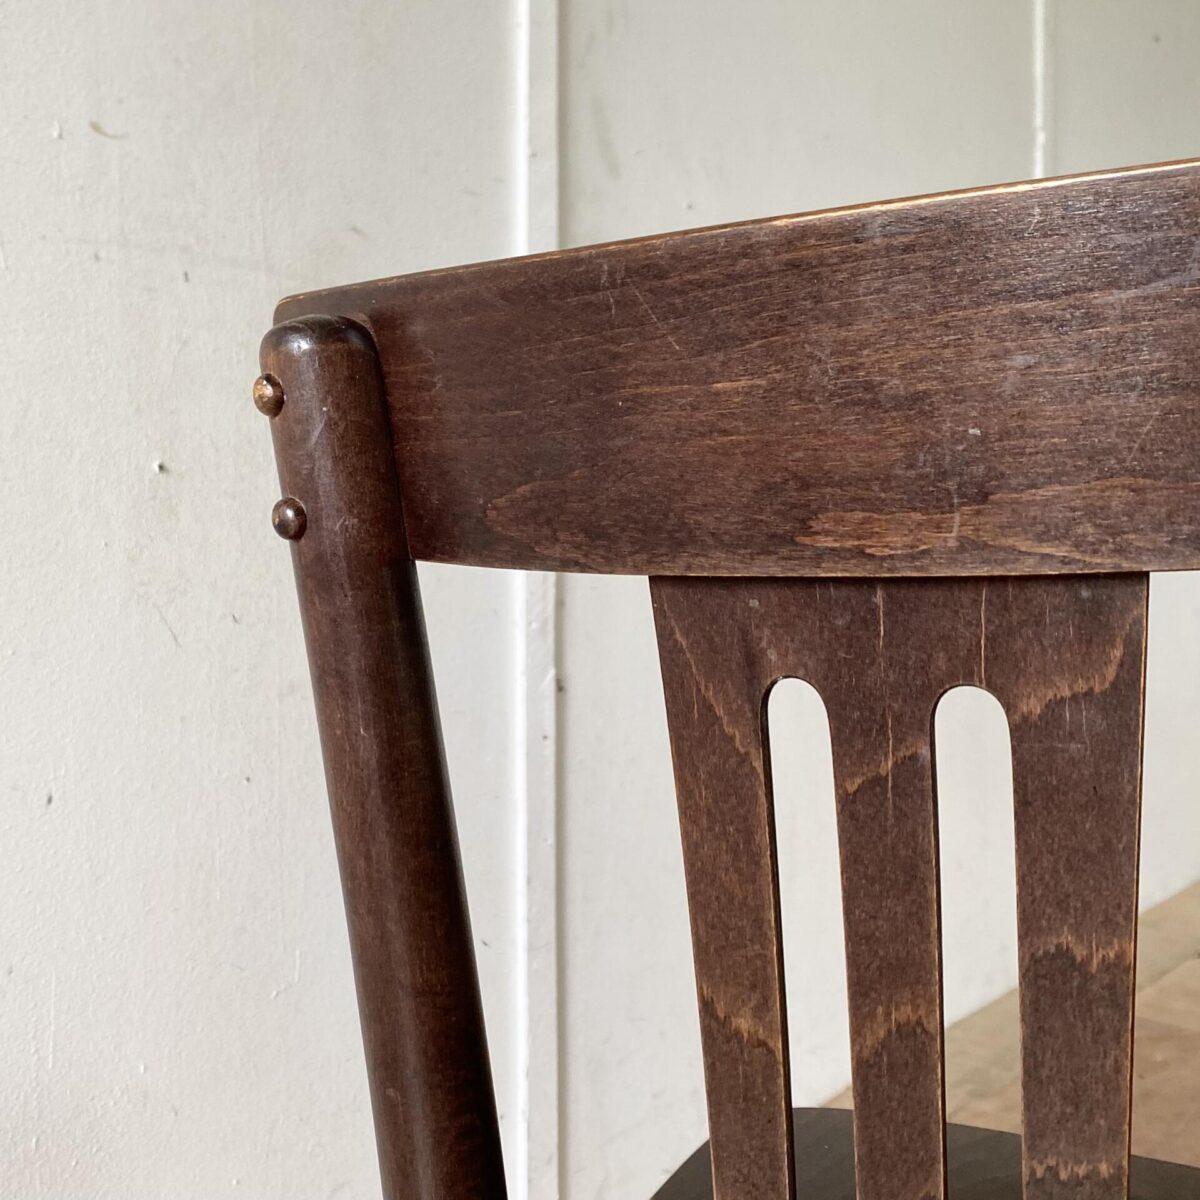 Deuxieme.shop Bugholz Stühle Restaurantstühle. 60 Bistrostühle aus Buchenholz dunkel gebeizt und lackiert. Preis pro Stuhl. Diese neueren Esszimmer Stühle sind in gebrauchtem aber funktionalen, stabilen Zustand. Diverse Abnutzungserscheinung, teilweise fehlen ein paar der runden Schrauben-Abdeckungen hinter der Rückenlehne.